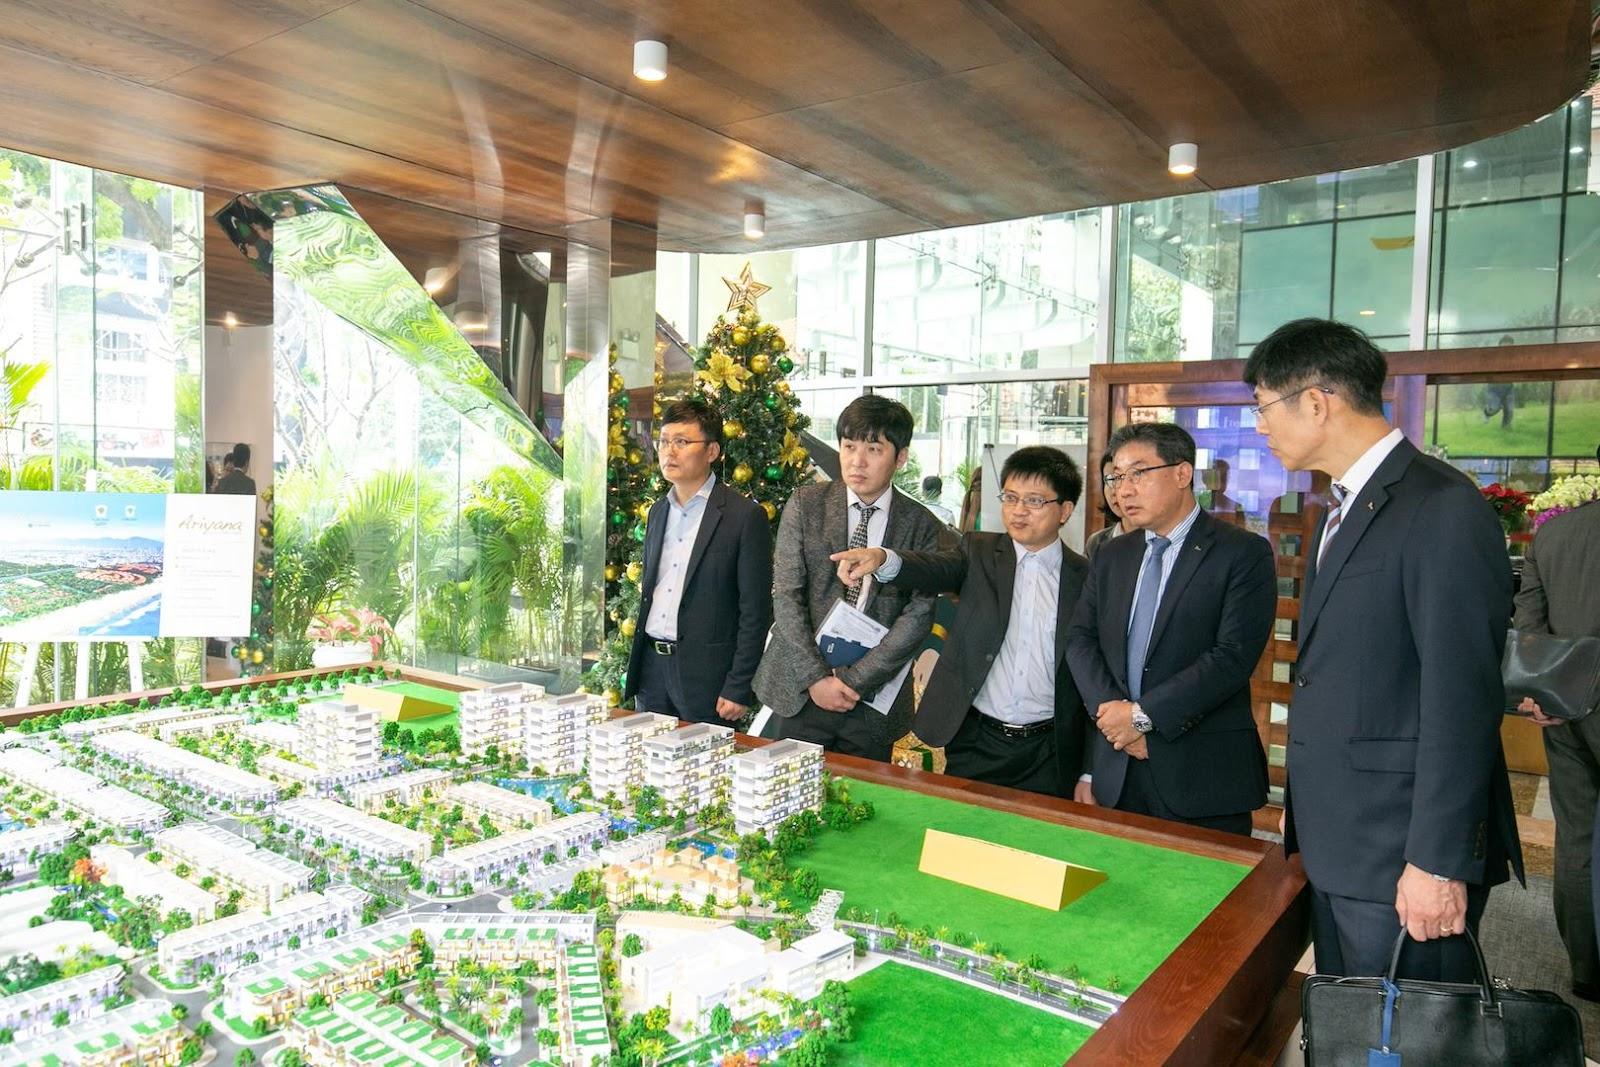 Lễ ký kết hợp tác toàn diện giữa Công ty Phú Long và Tập đoàn Posco E&C - Ảnh 1